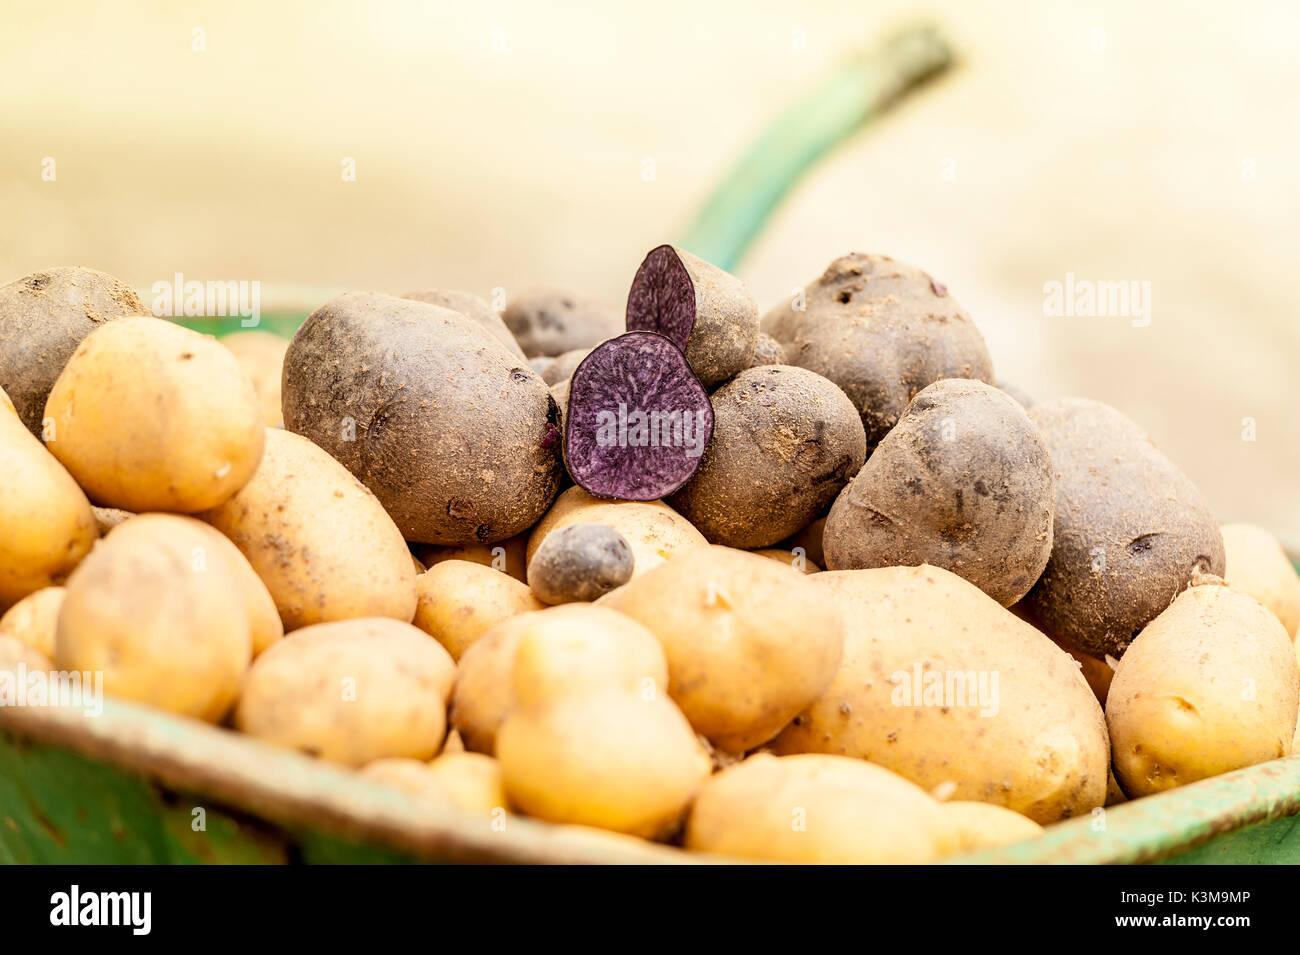 Pomme de terre, légumes, récolte, production agricole, Photo Stock